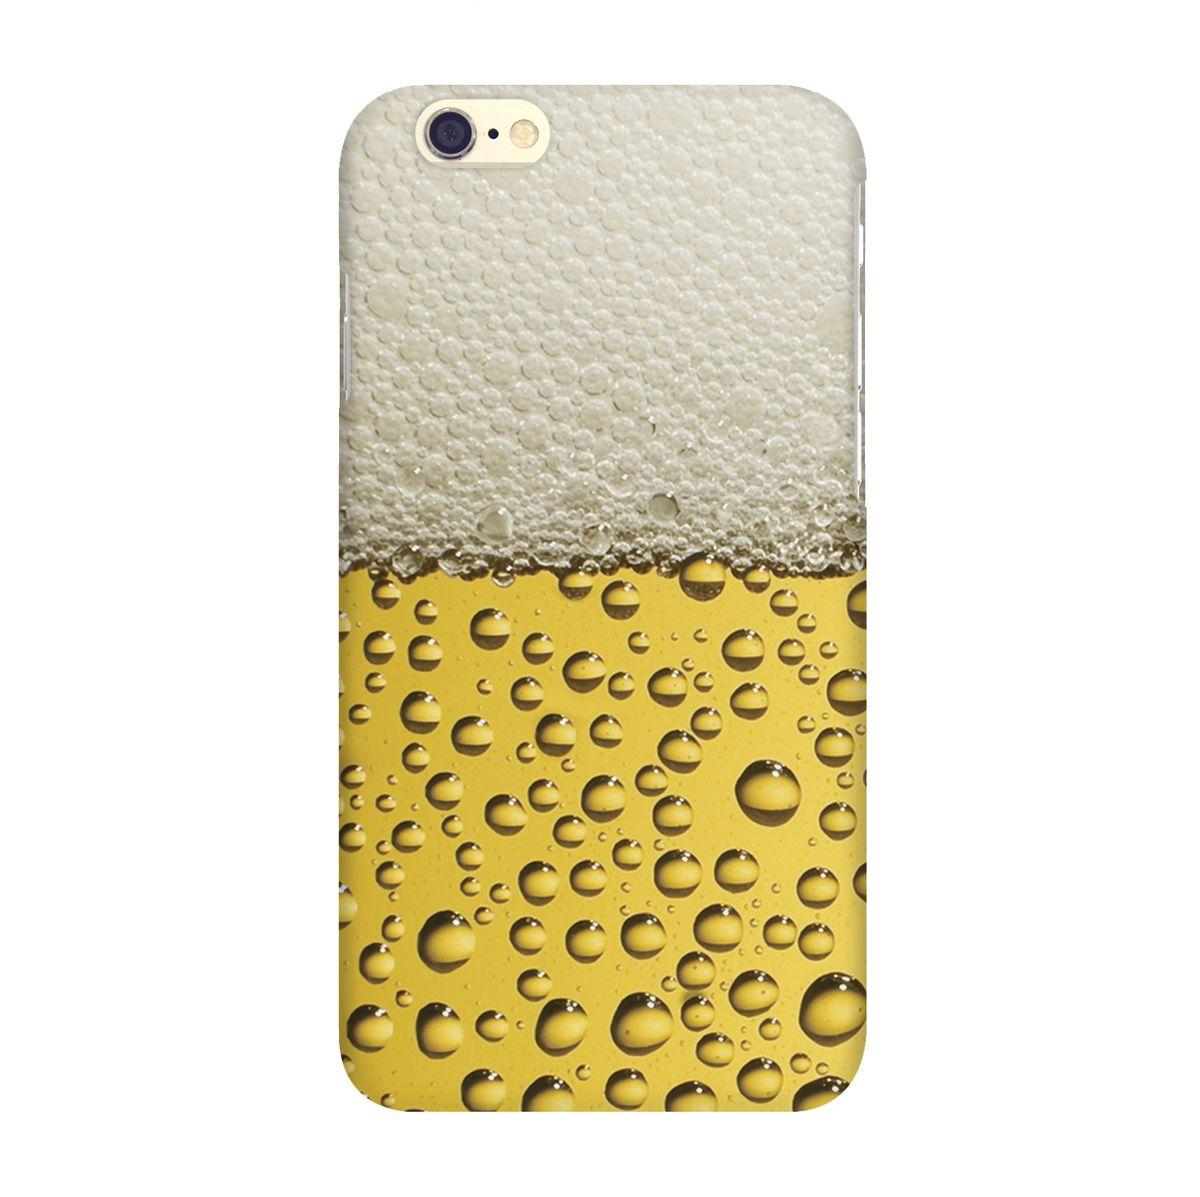 Mitya Veselkov Пиво чехол для Apple iPhone 6/6sIP6.MITYA-266Оденьте свой любимый iPhone! Чехол Mitya Veselkov для iPhone 6/6s не просто средство защиты от царапин и внешних повреждений, но и модный аксессуар, который сделает ваш образ завершенным. Это стильная и элегантная деталь вашего образа, которая всегда обращает на себя внимание среди множества вещей.